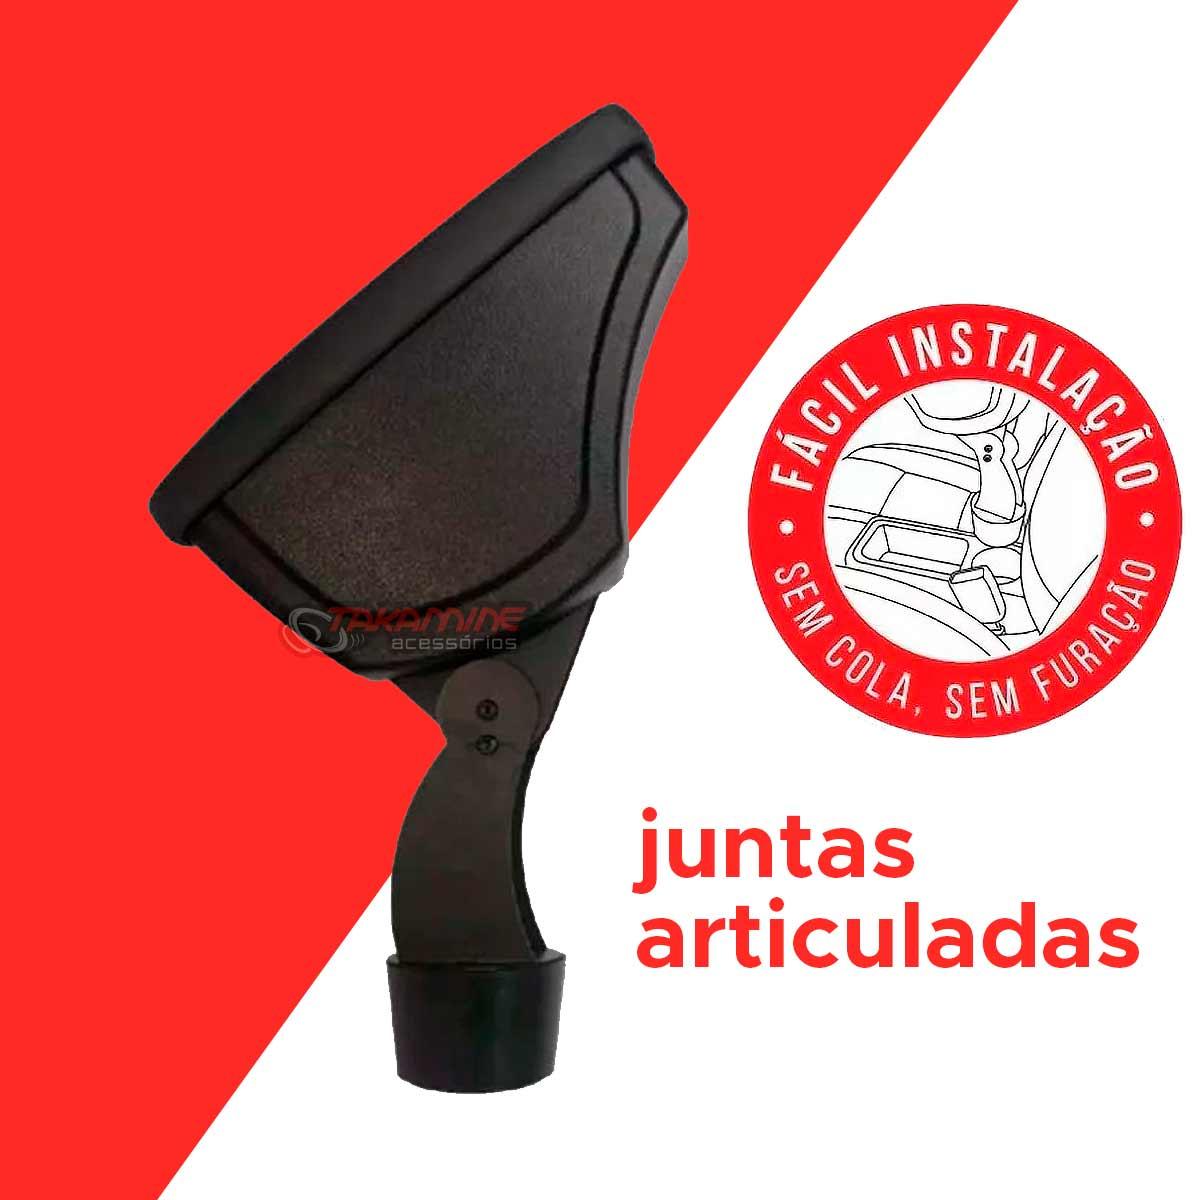 Apoio de braço March 2012 até 2020 preto encaixe